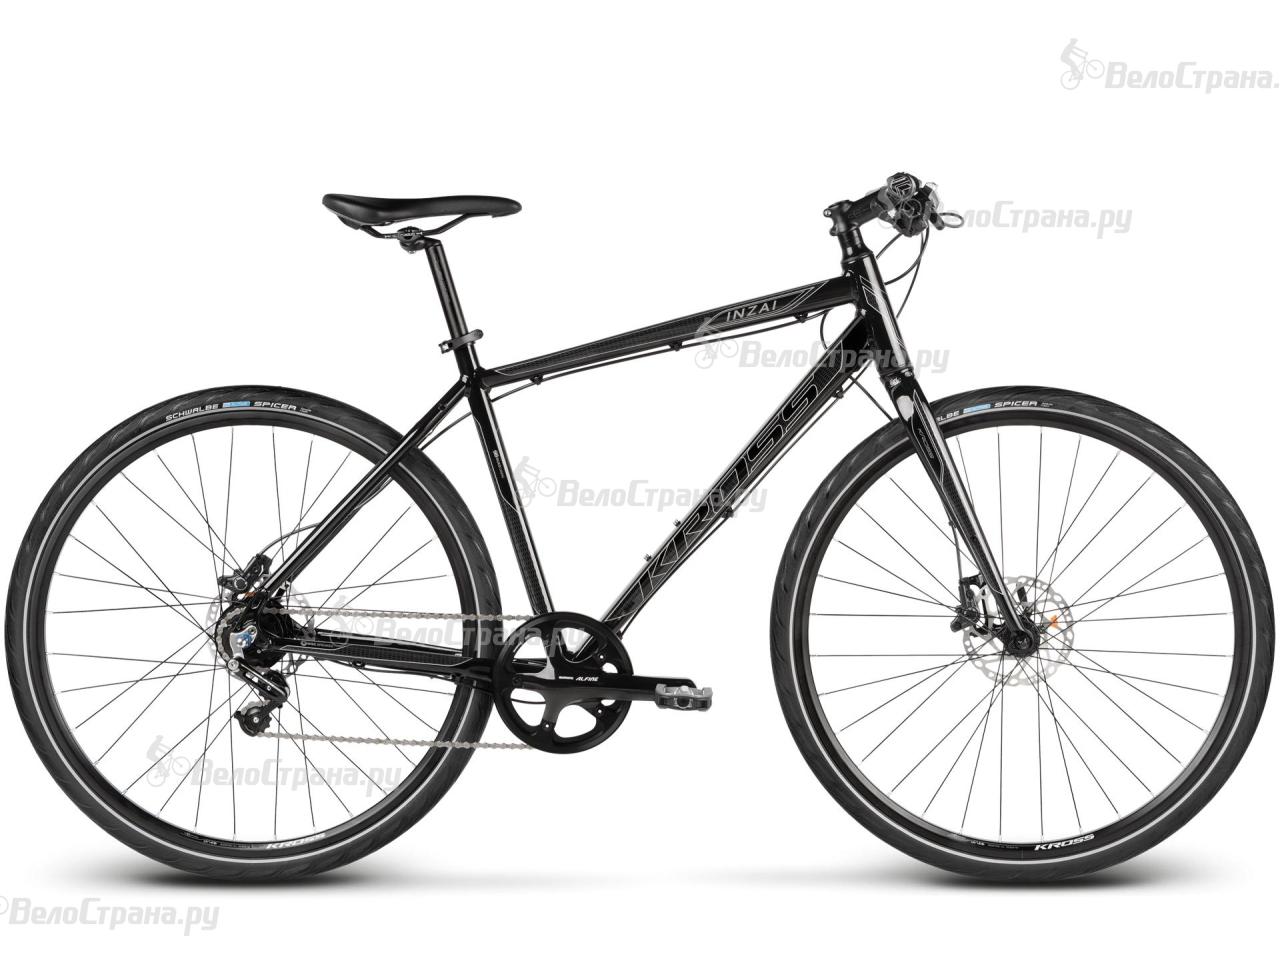 Велосипед Kross Inzai (2017) носки kross krt tall размер xl черный t4cod000283xlbk